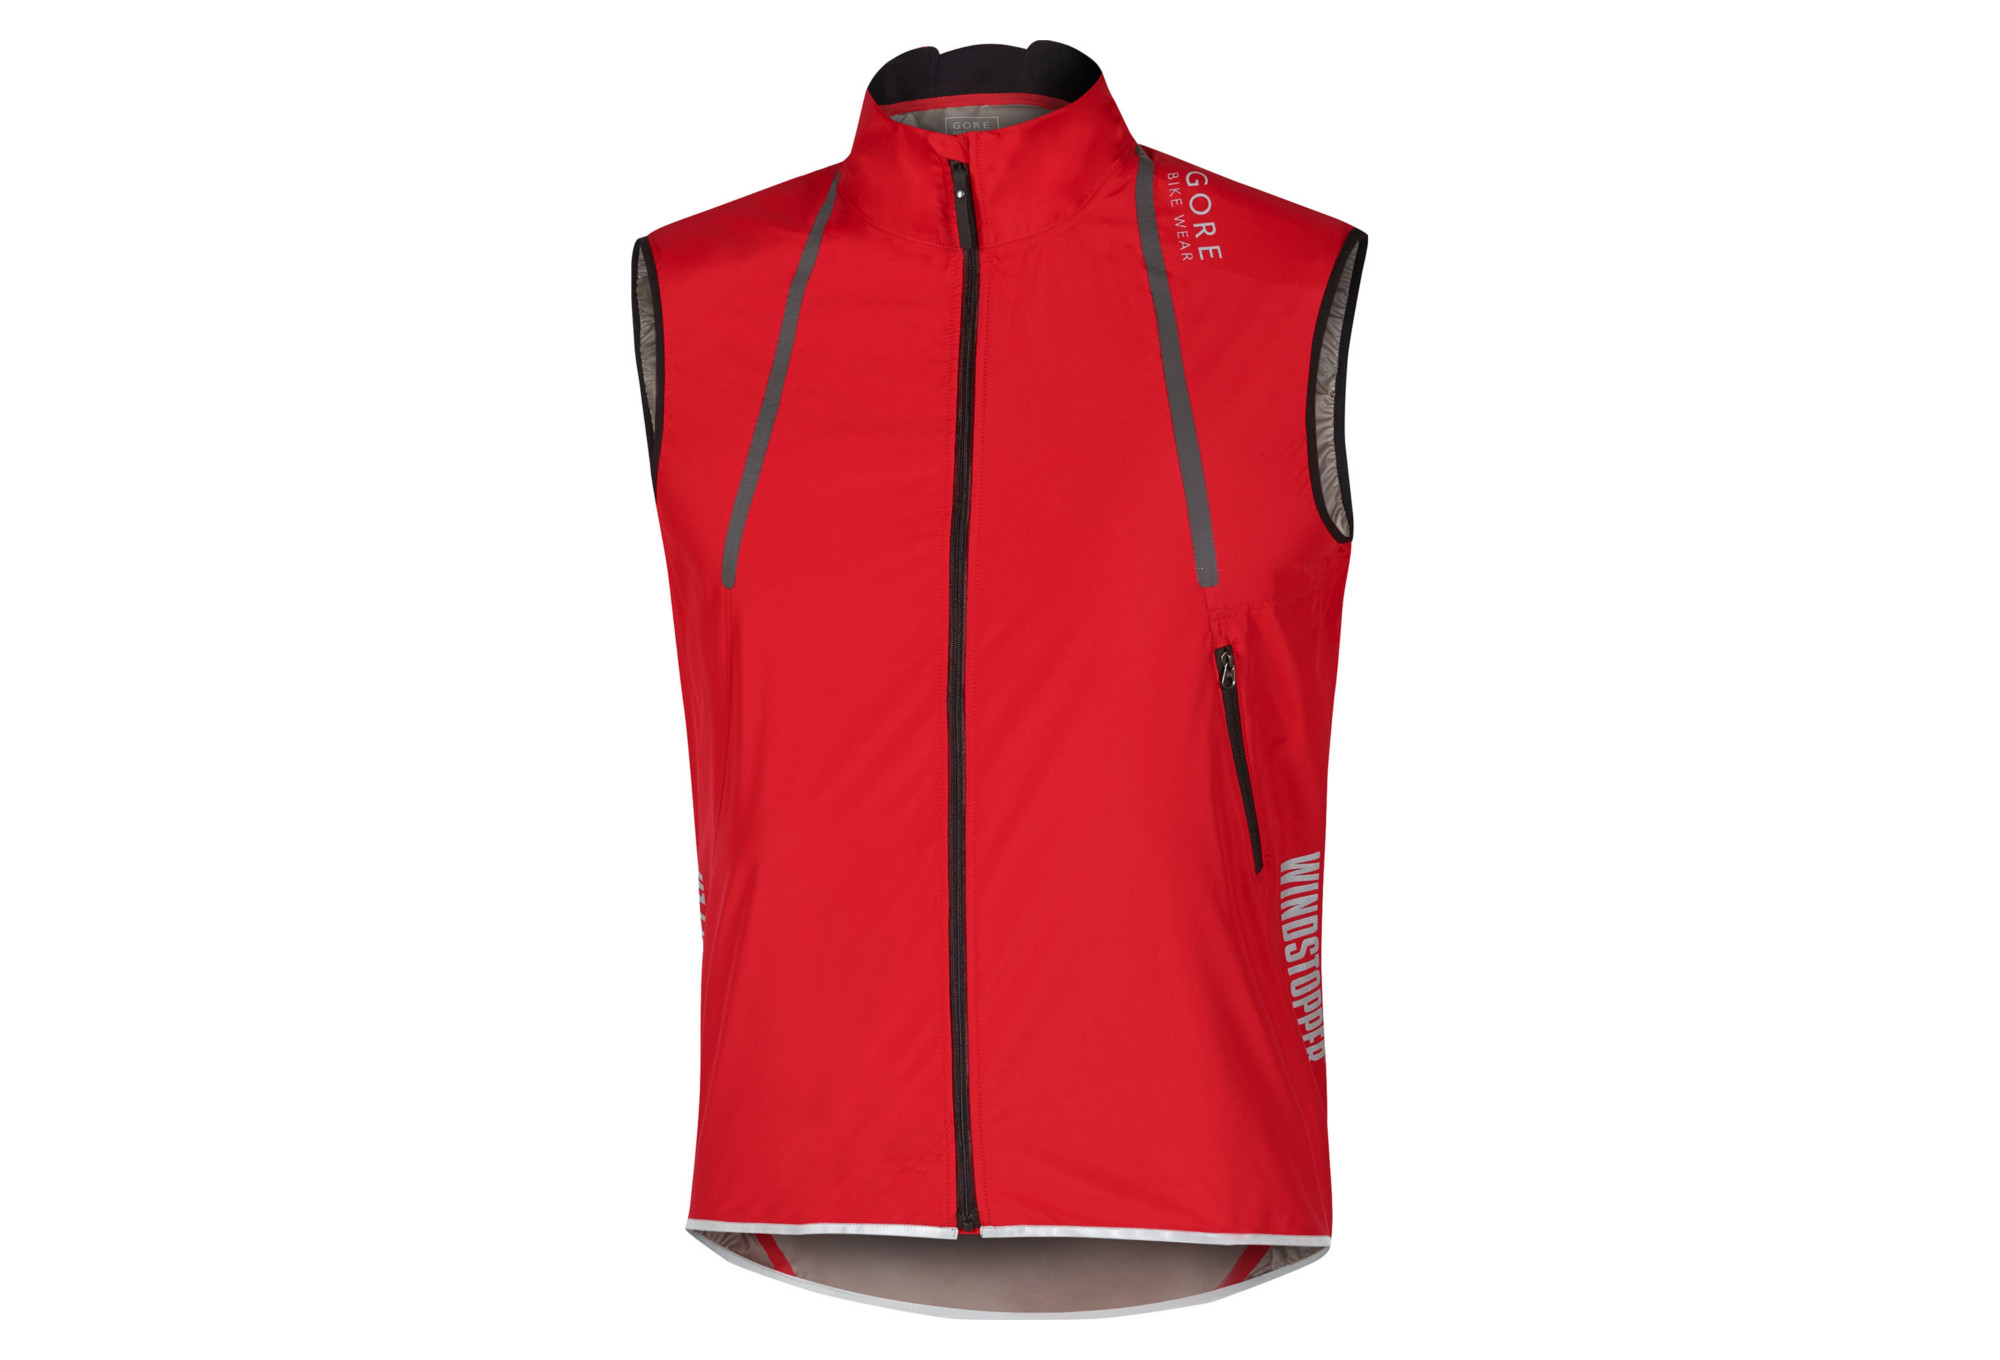 Gore Bike Wear Jacket Oxygen Windstopper 174 Active Shell